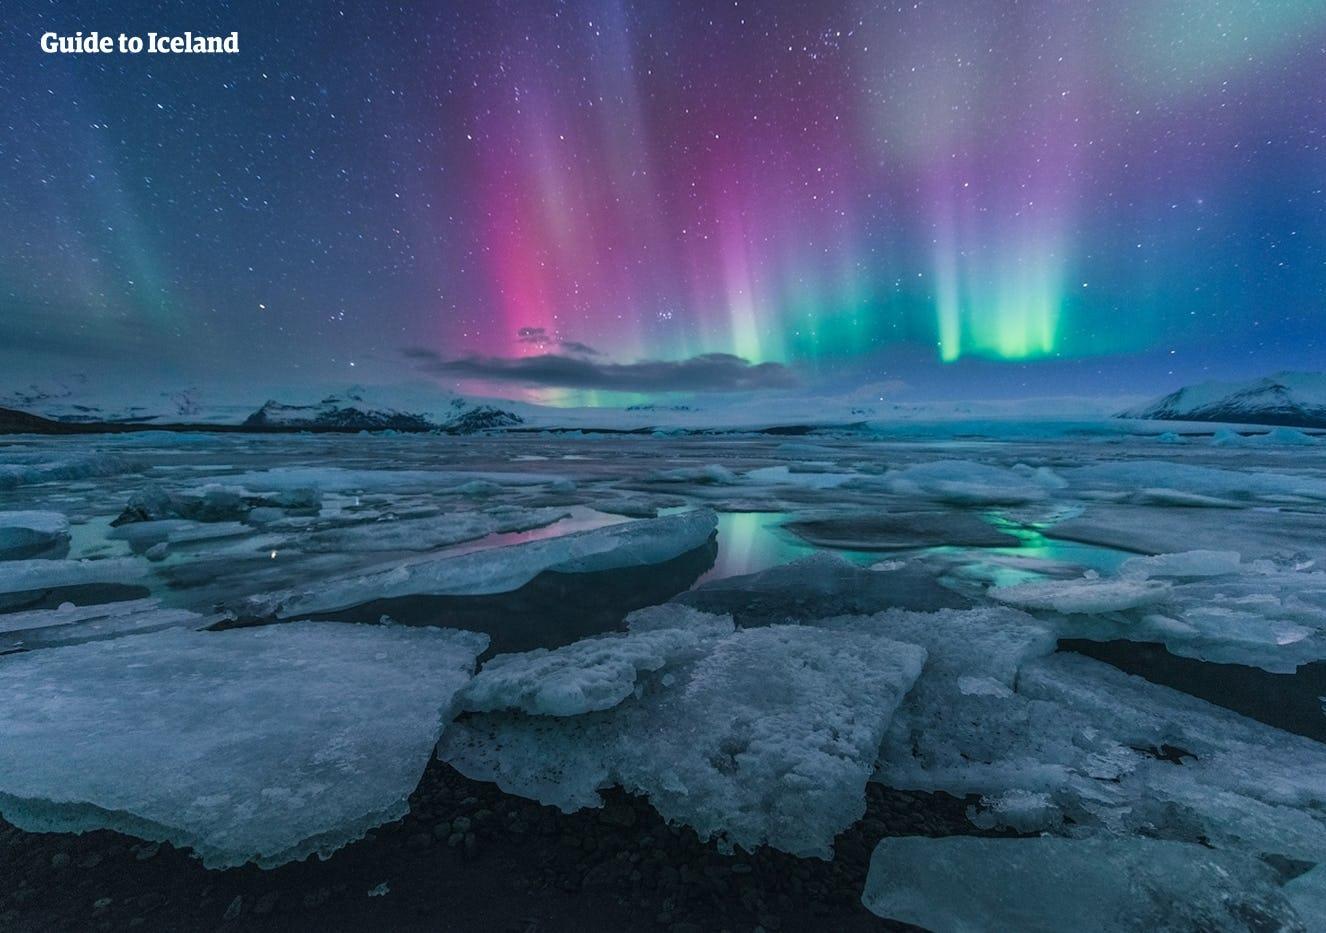 Blaue Nordlichter mit violetten Farbtönen tanzen im Winter über der Gletscherlagune Jökulsarlon in Südisland.